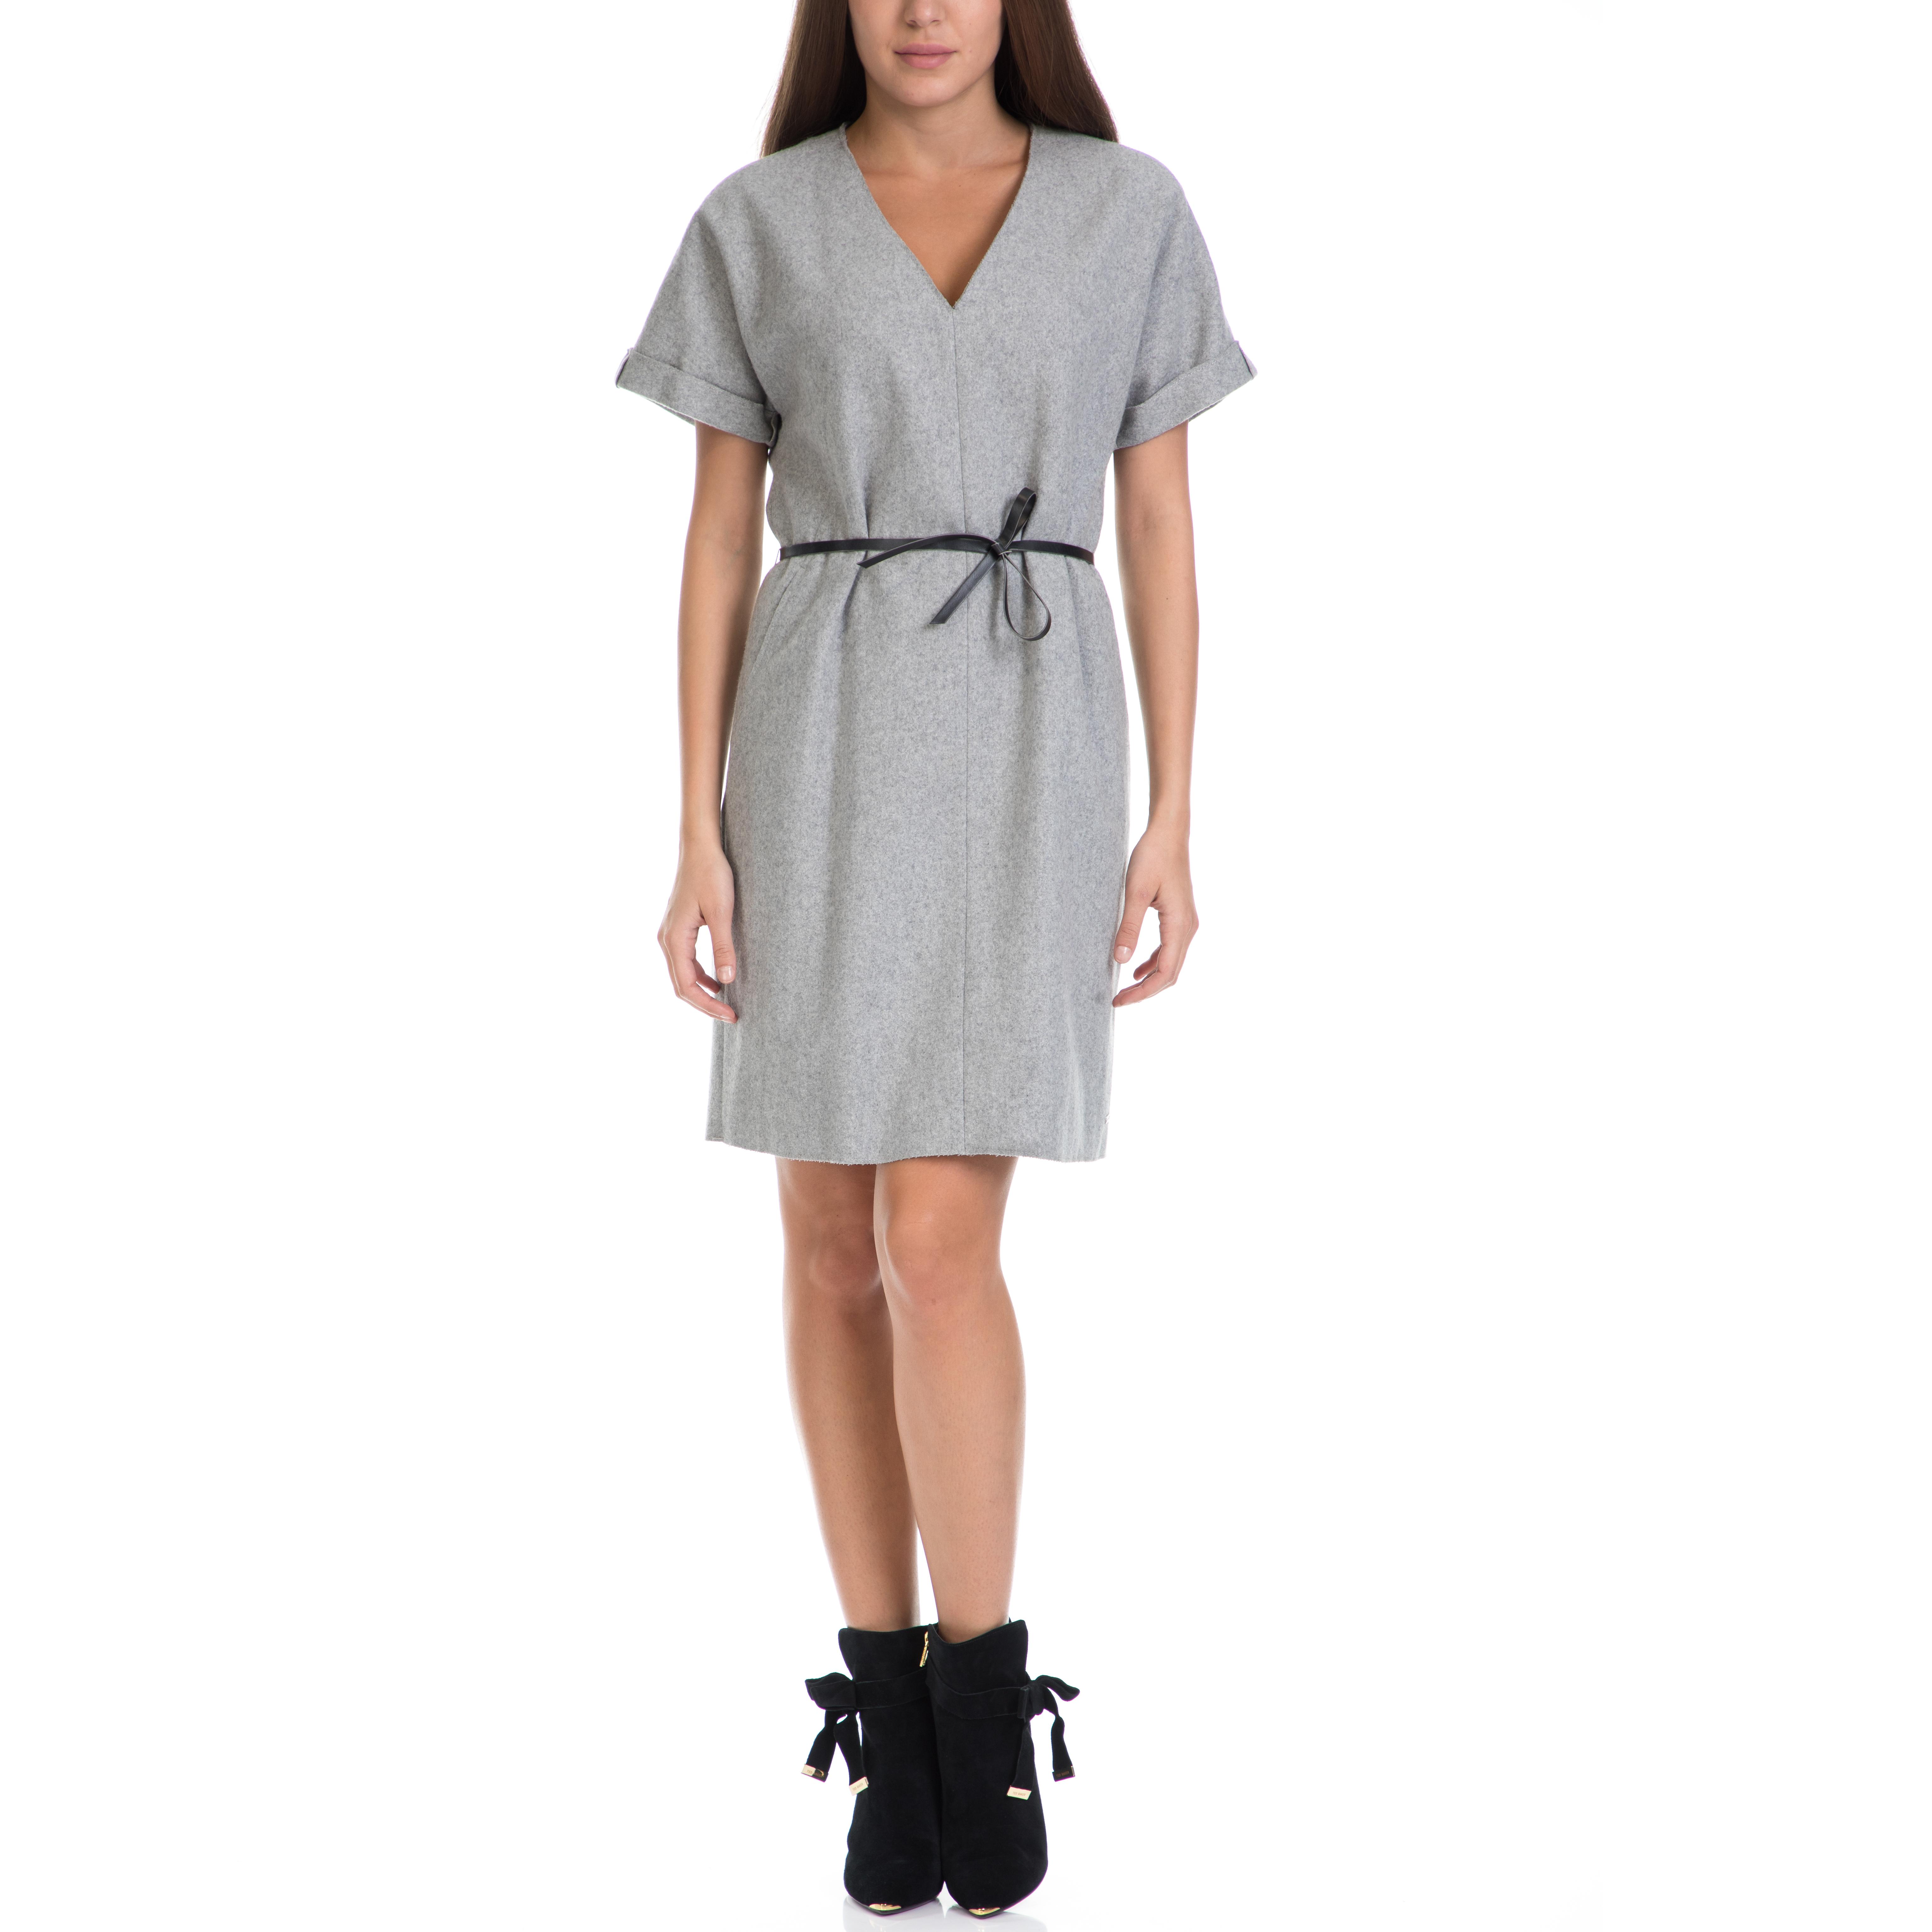 TOMMY HILFIGER - Γυναικείο φόρεμα PIA TOMMY HILFIGER γκρι γυναικεία ρούχα φορέματα μίνι